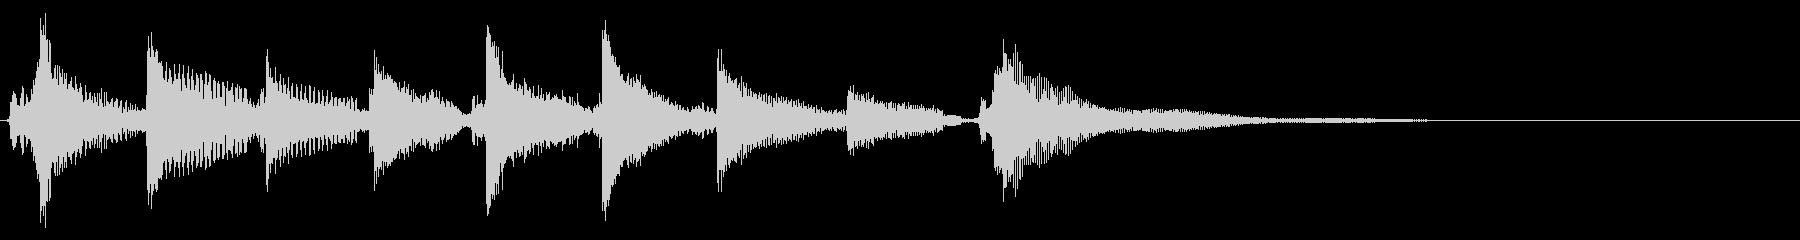 ★ウクレレ、アコギの生音ジングル/ハワイの未再生の波形